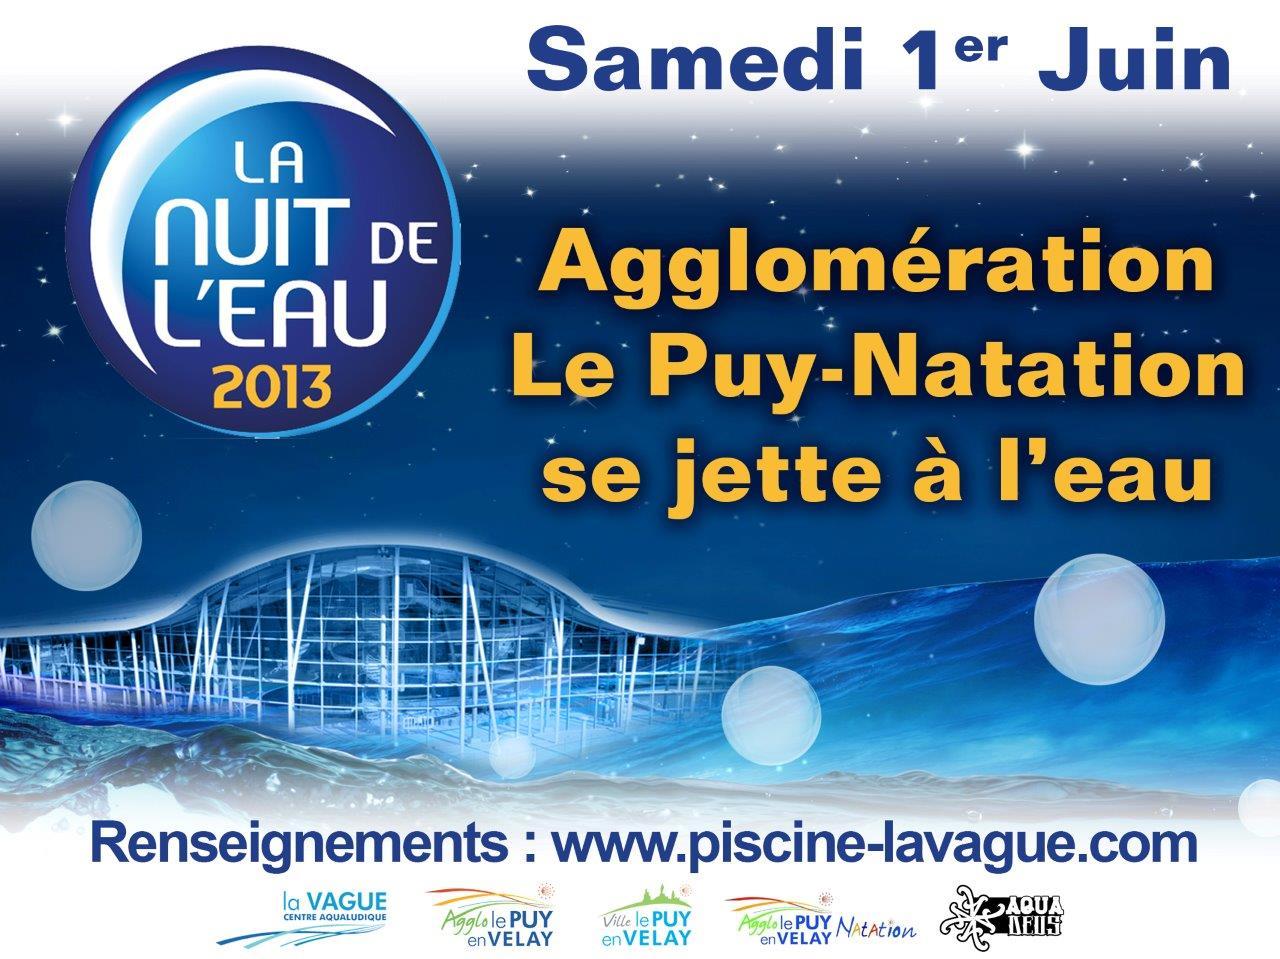 Une belle soir e la vague site officiel de la mairie for Piscine la vague le puy en velay